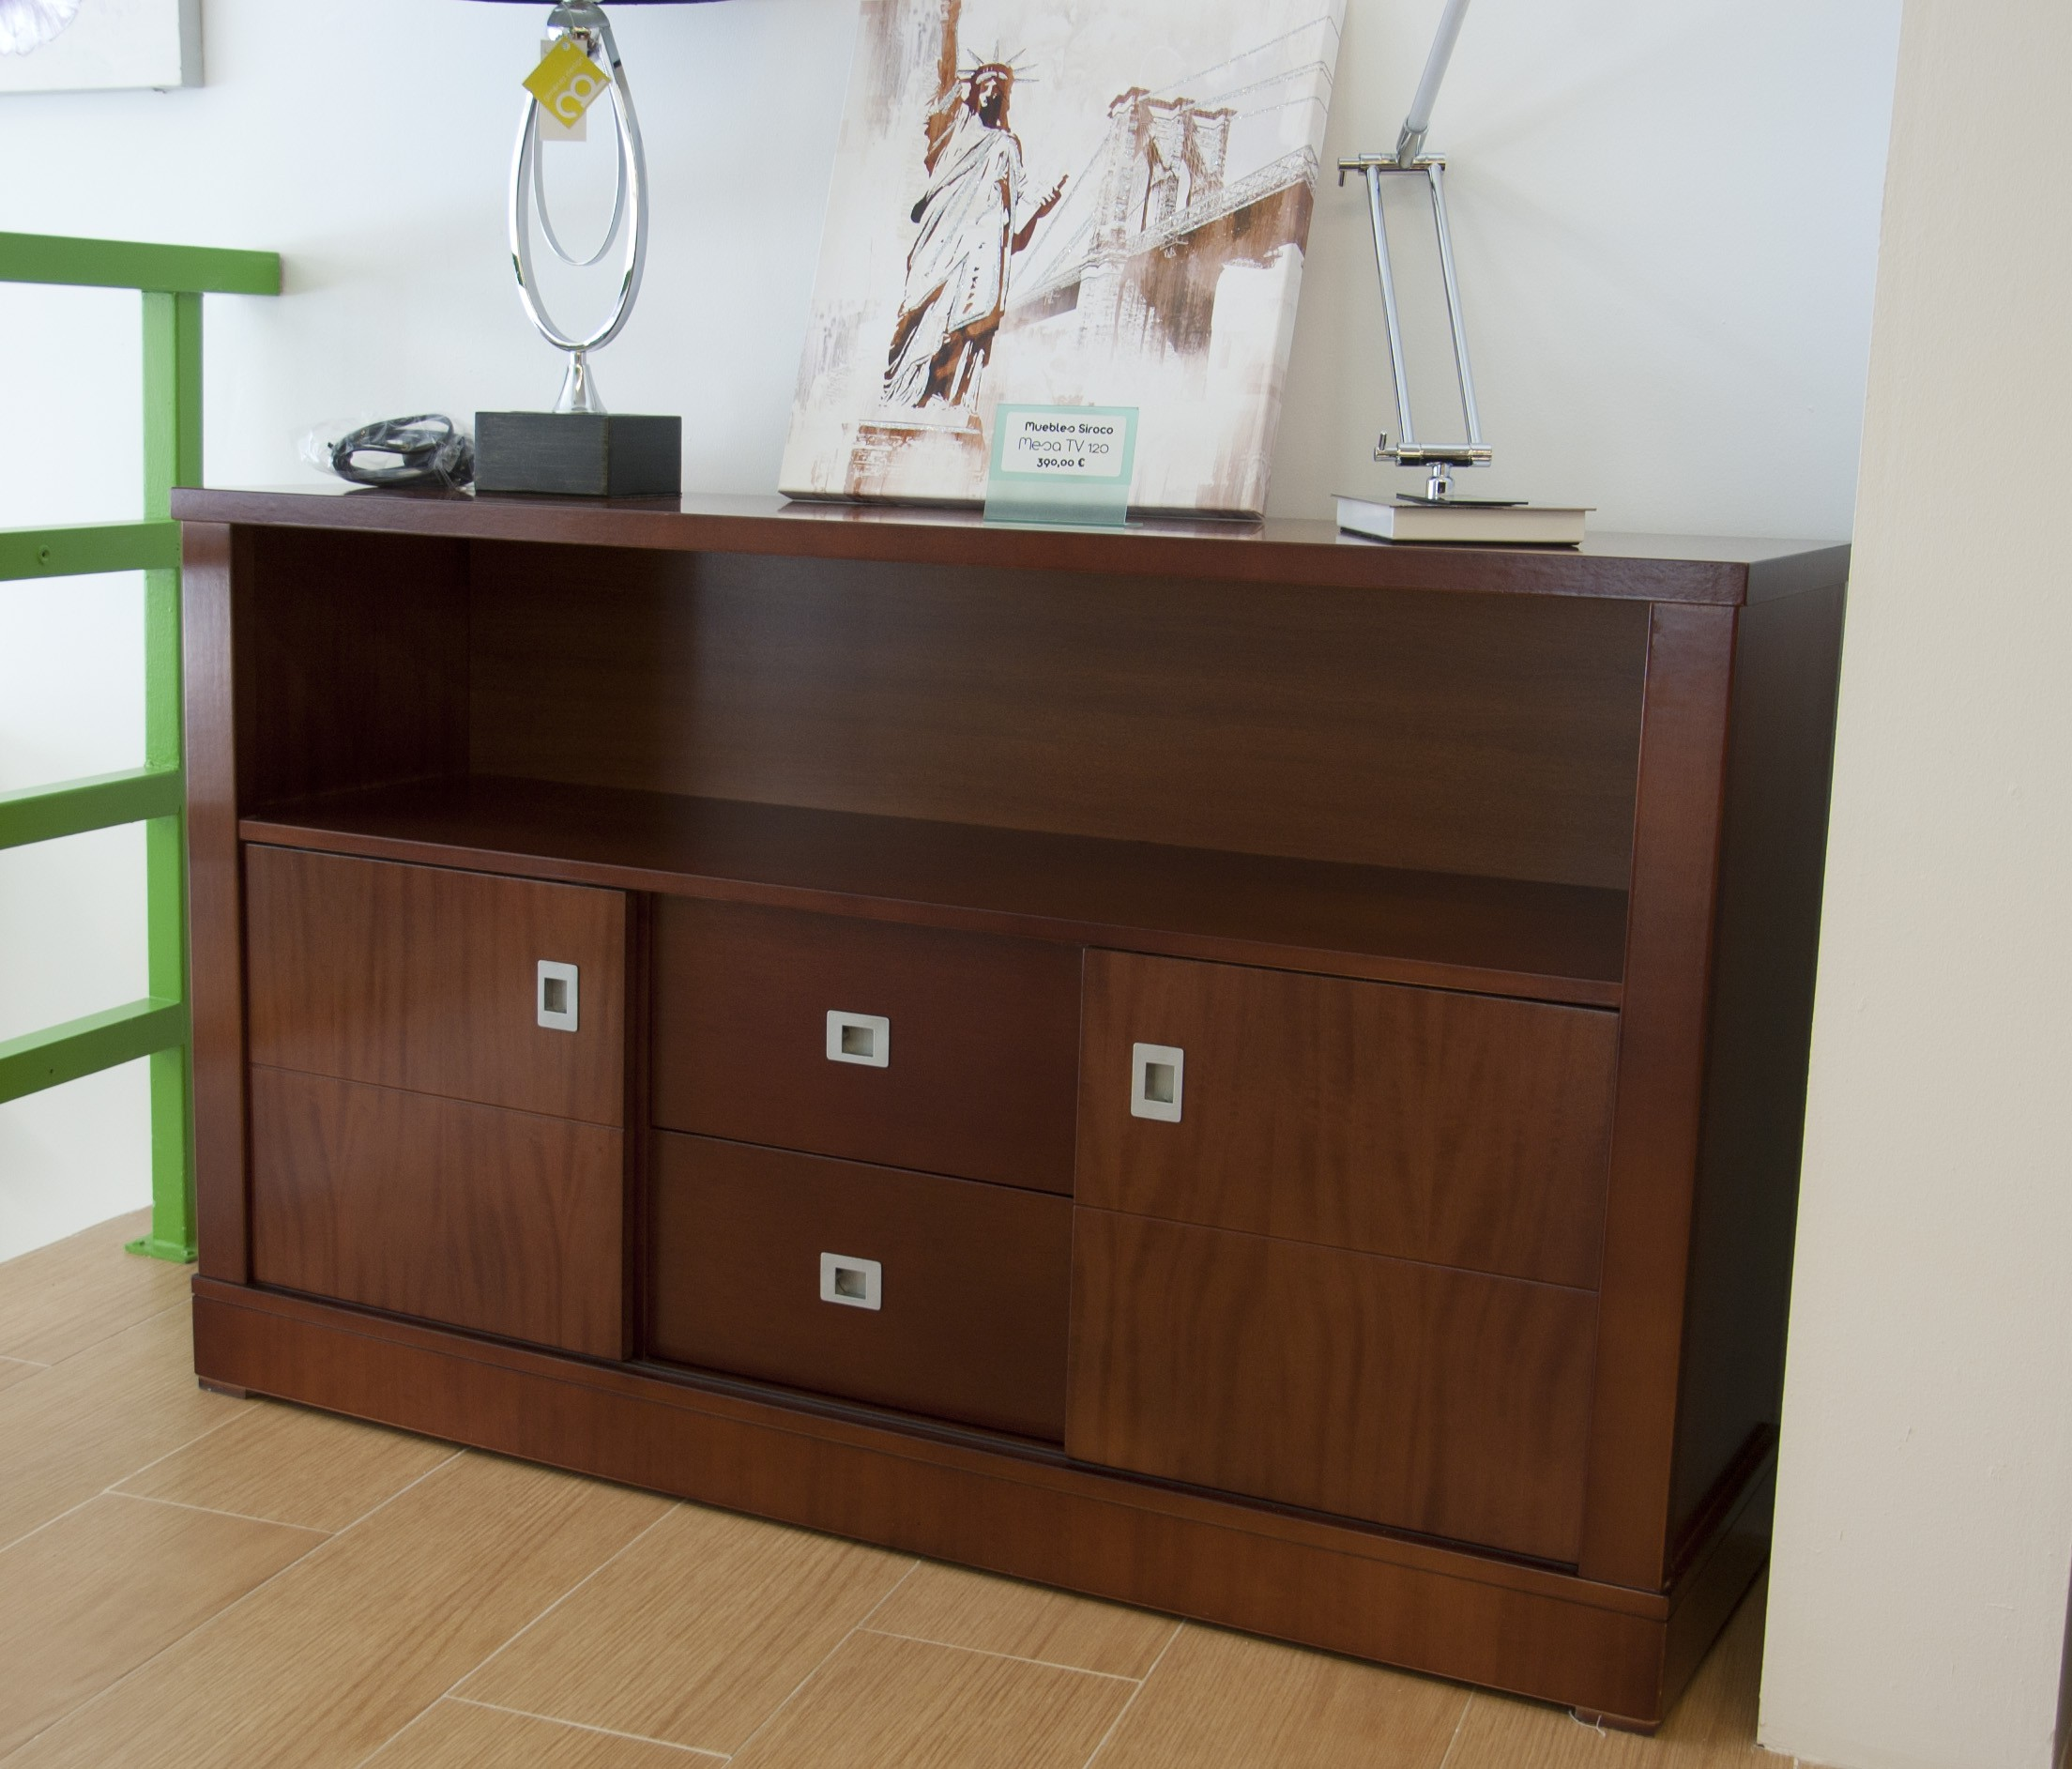 Muebles moycor baratos obtenga ideas dise o de muebles for Muebles de madera baratos online